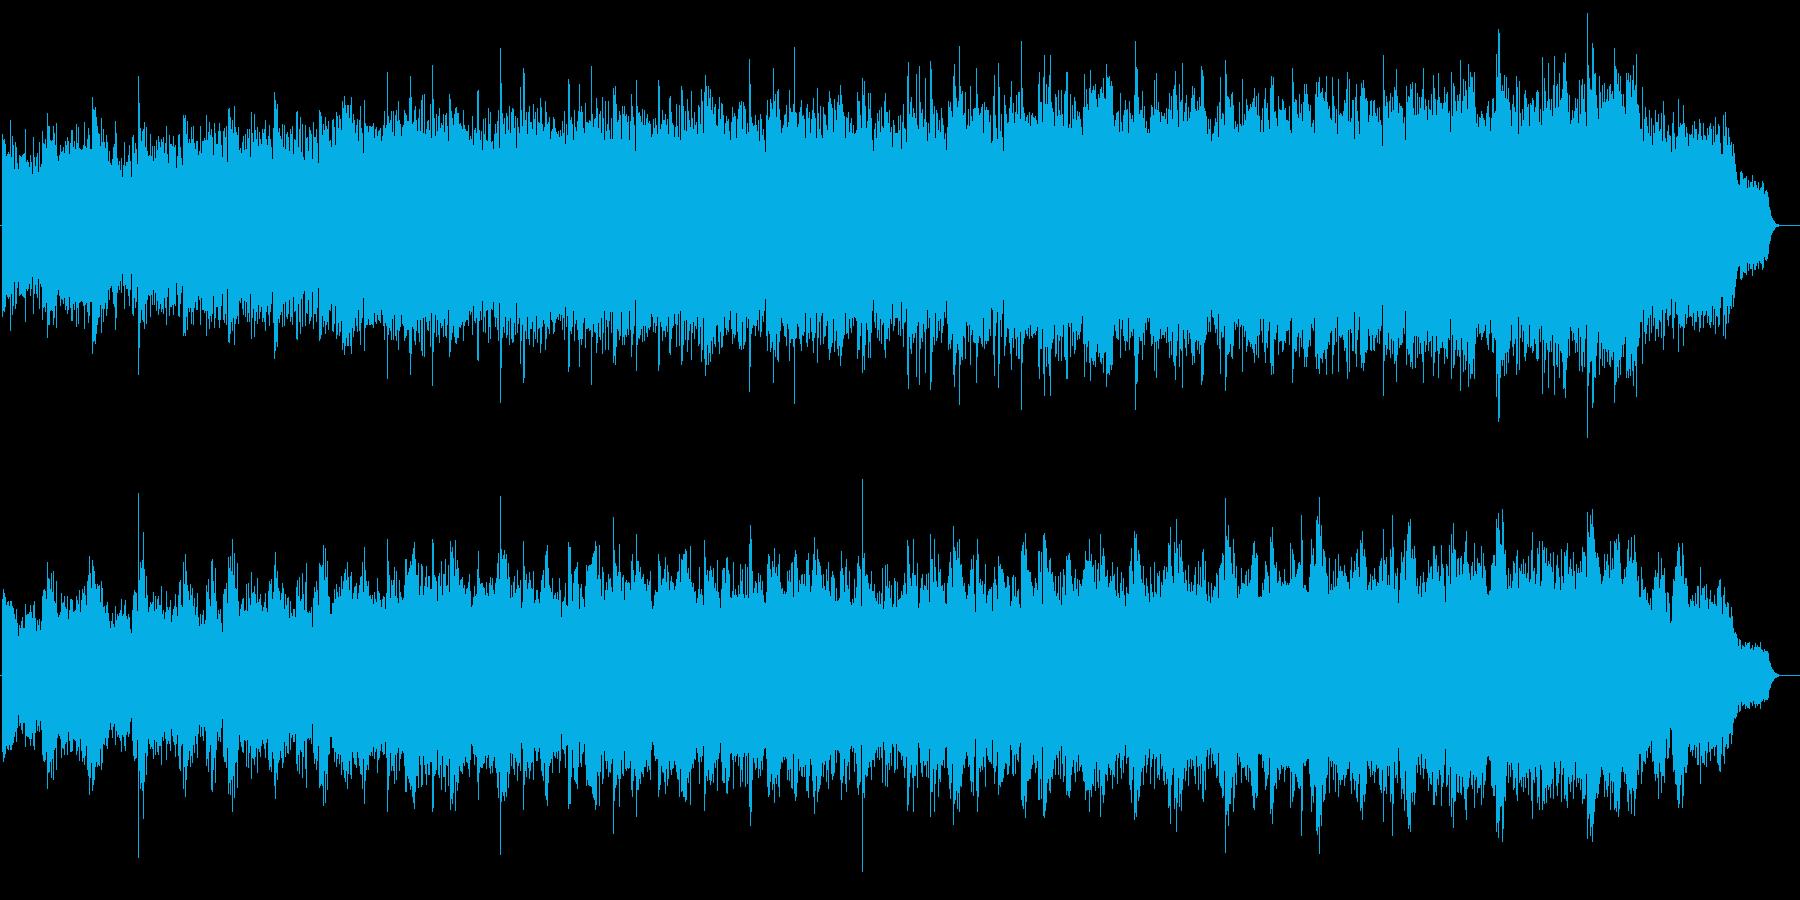 カジュアル和風ピアノ・自然・観光・空撮の再生済みの波形